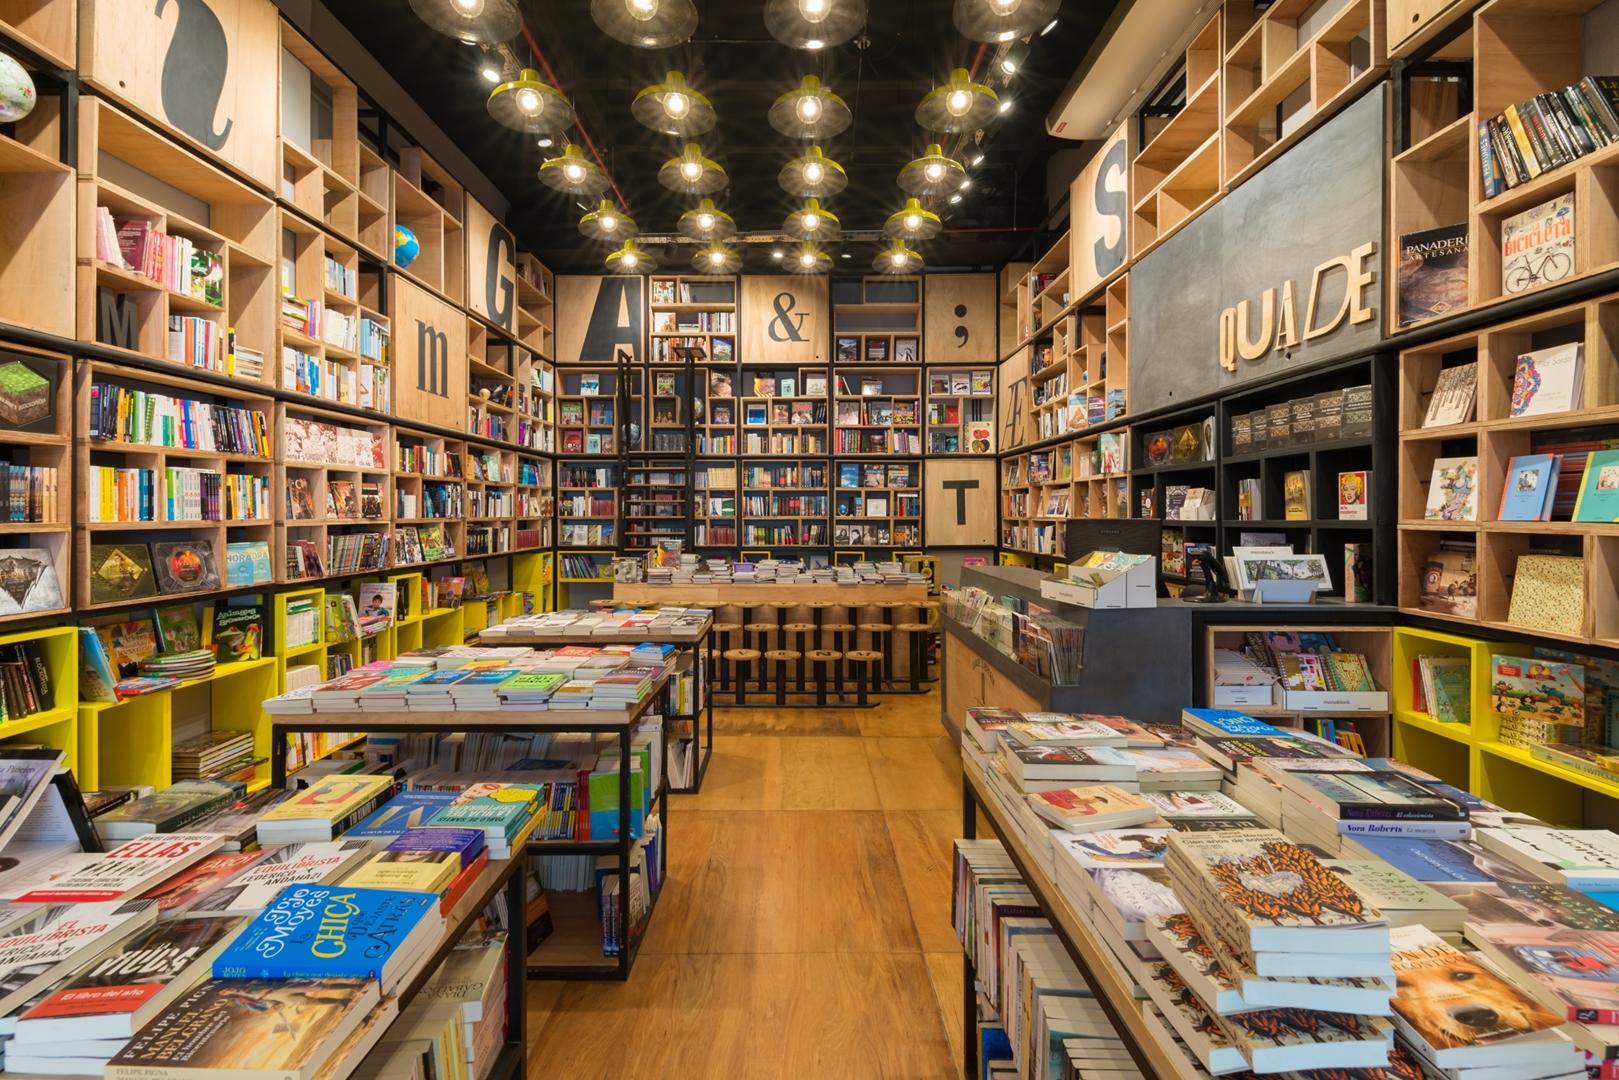 230517  -  Libreria Quade ph G Viramonte-9588 (Copy)